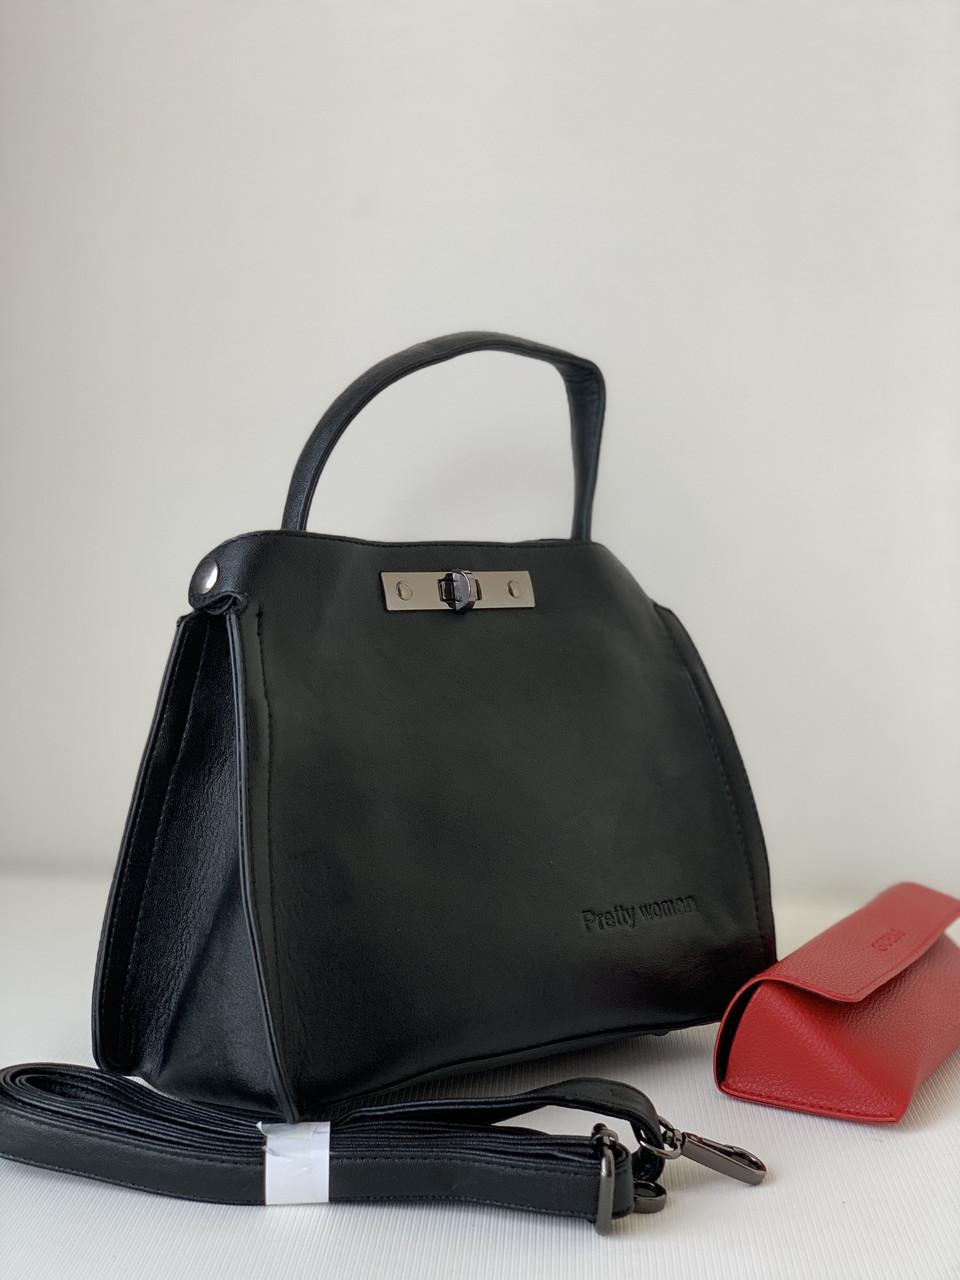 Женская маленькая классическая черная сумочка матовая Pretty Woman